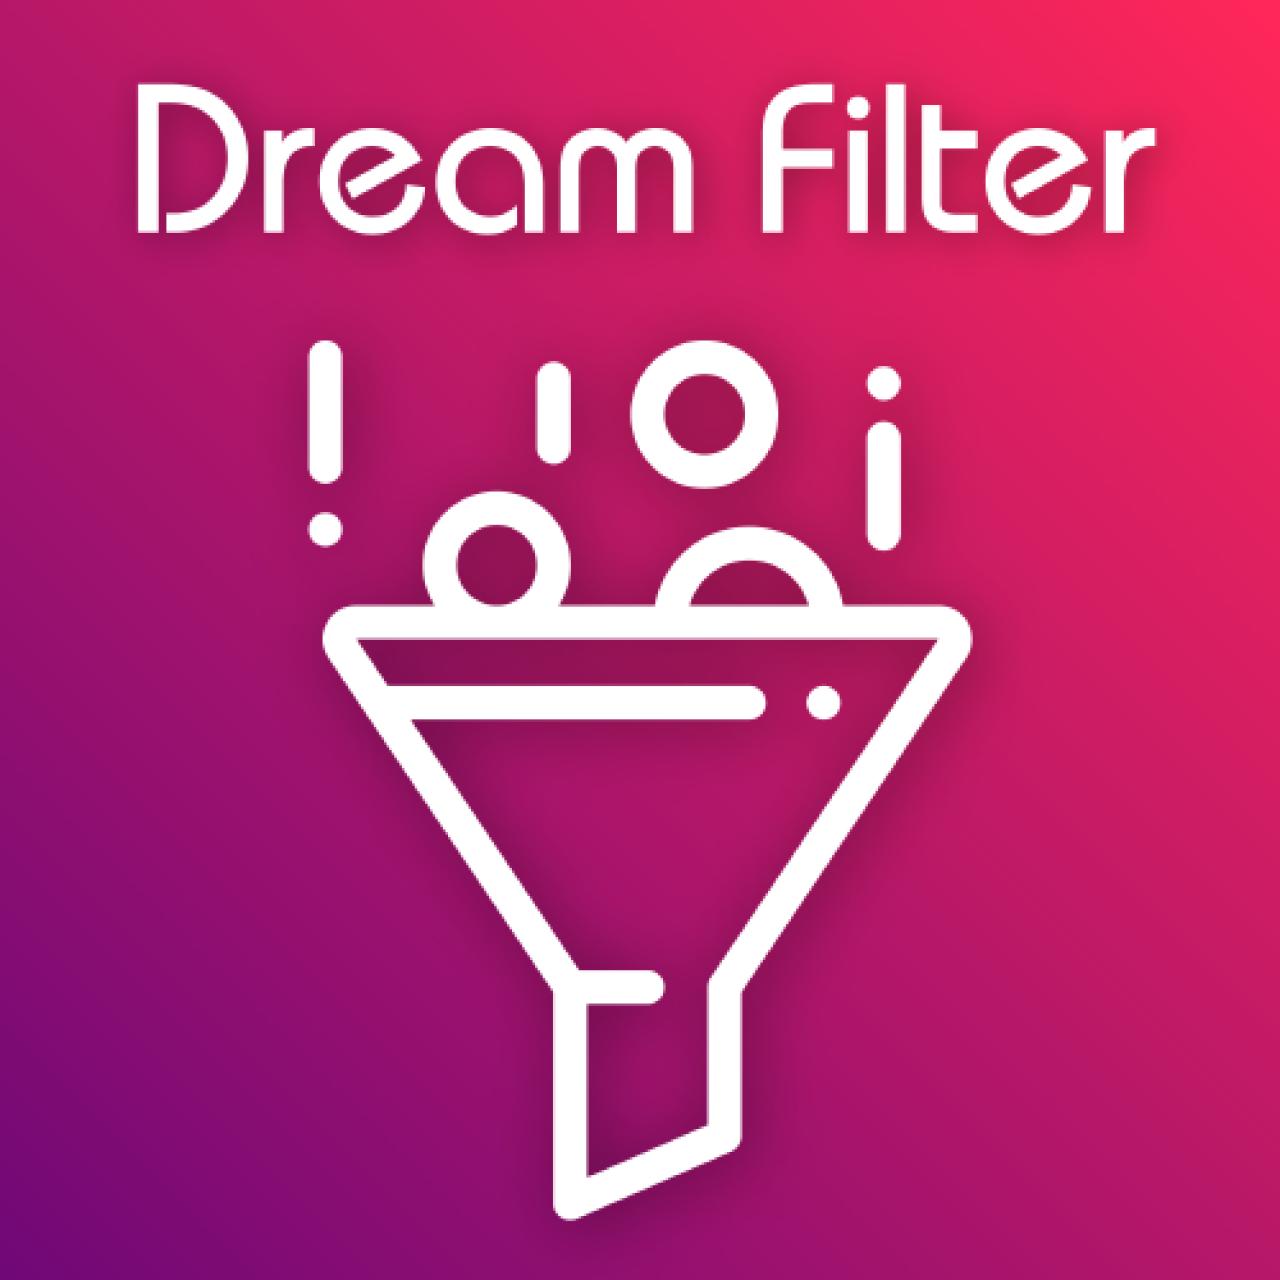 Фильтр товаров Dream Filter из категории Фильтры для CMS OpenCart (ОпенКарт)